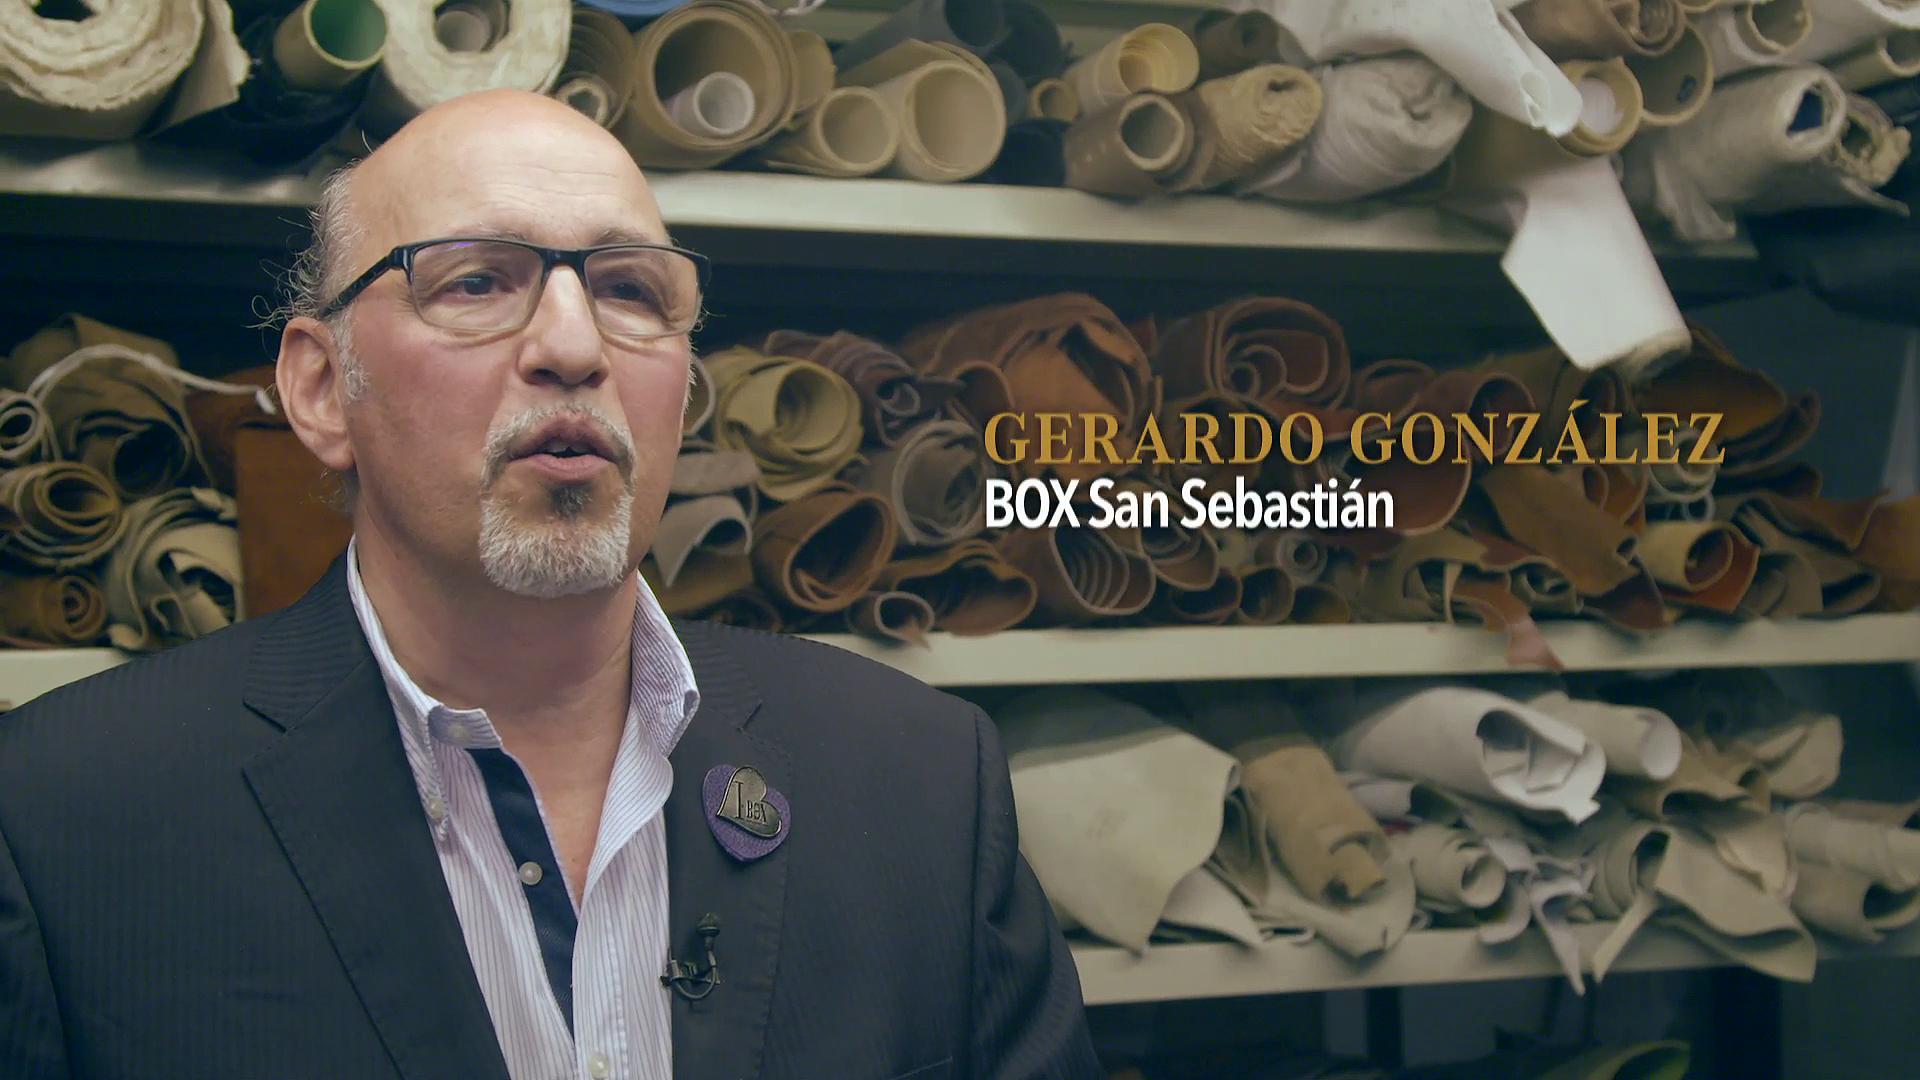 Merkataritza eta Turismo sariak. BOX - Gerardo González